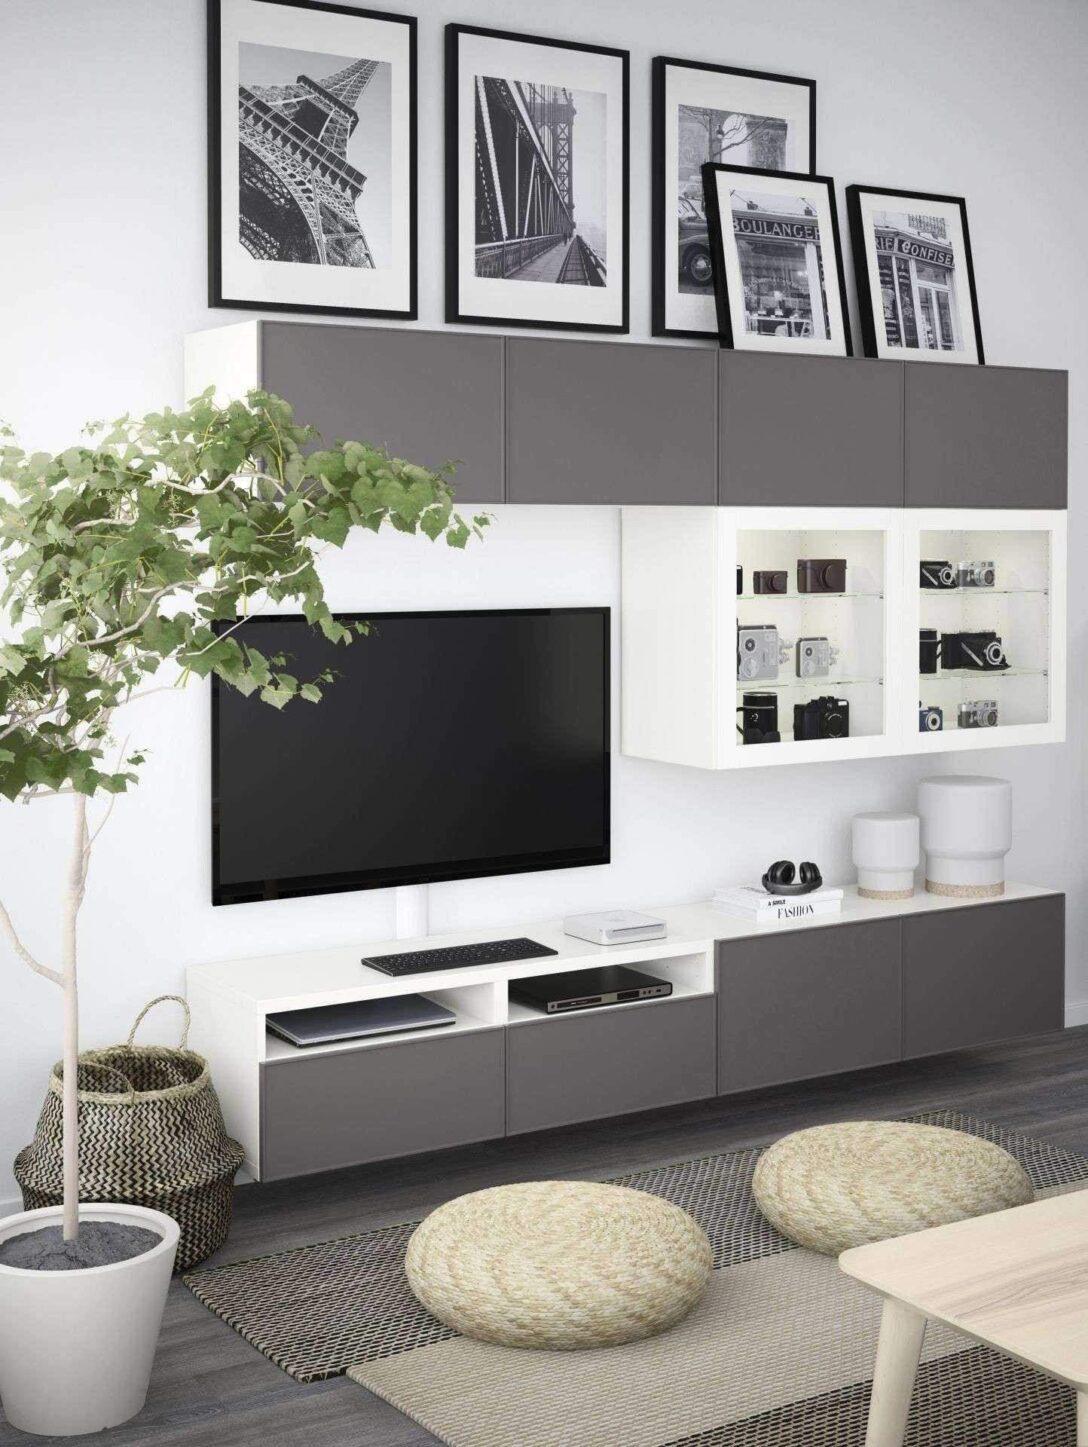 Large Size of Relaxliege Wohnzimmer Ikea 28 Schn Wandbilder Genial Frisch Bilder Modern Decken Moderne Deckenleuchte Wohnwand Stehlampen Stehlampe Großes Bild Liege Wohnzimmer Relaxliege Wohnzimmer Ikea